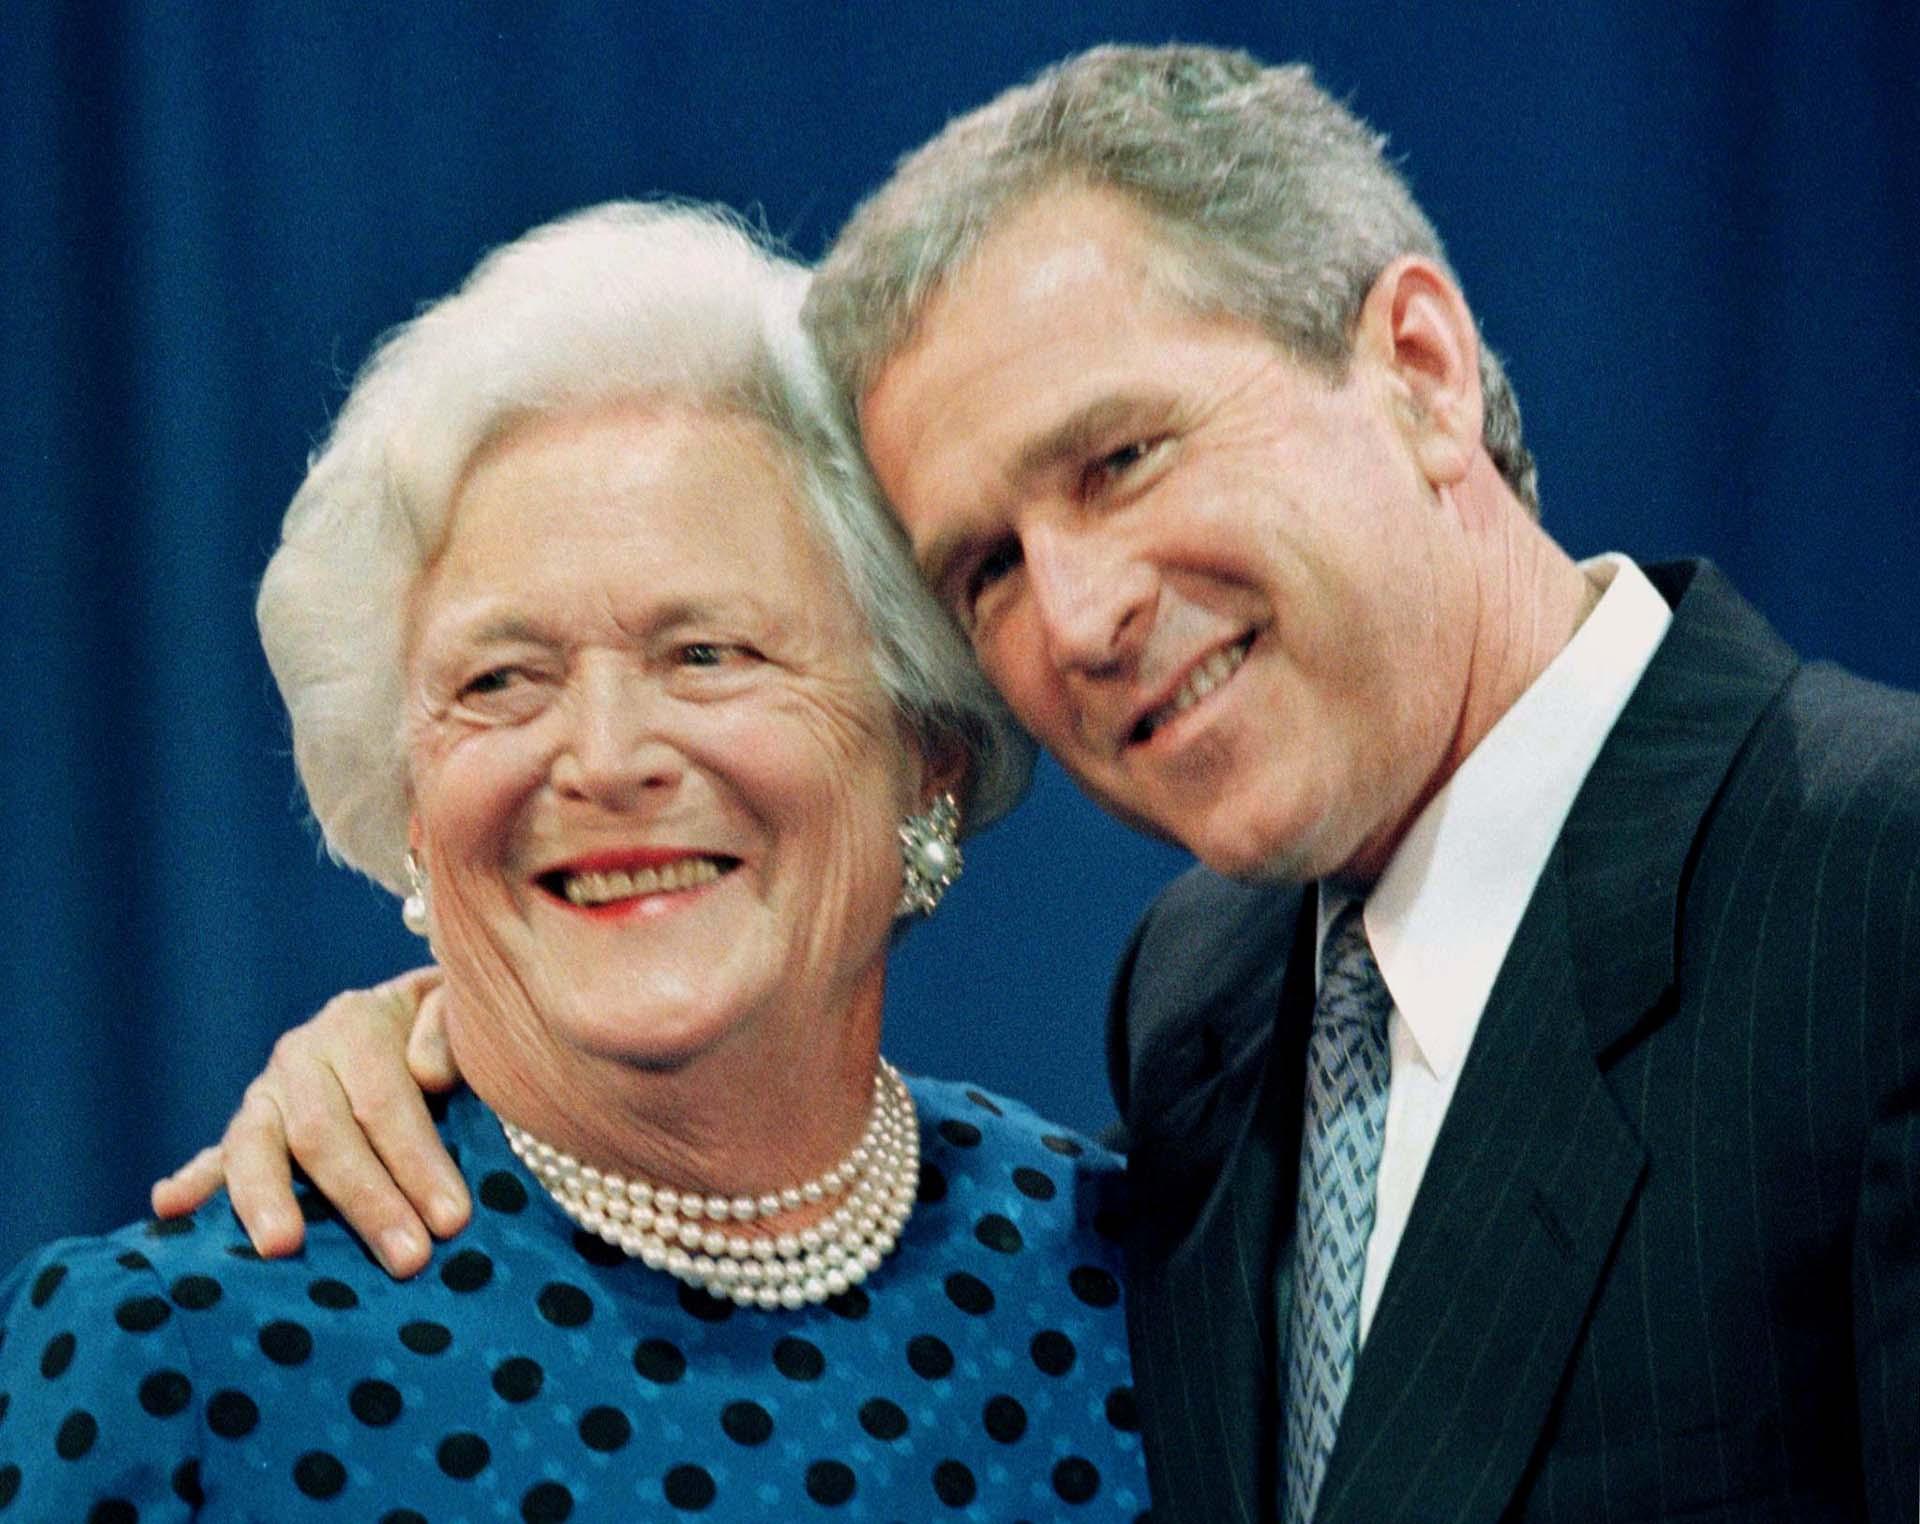 Junto a su hijo, el gobernador George W. Bush, quien luego se convirtió en presidente de EEUU